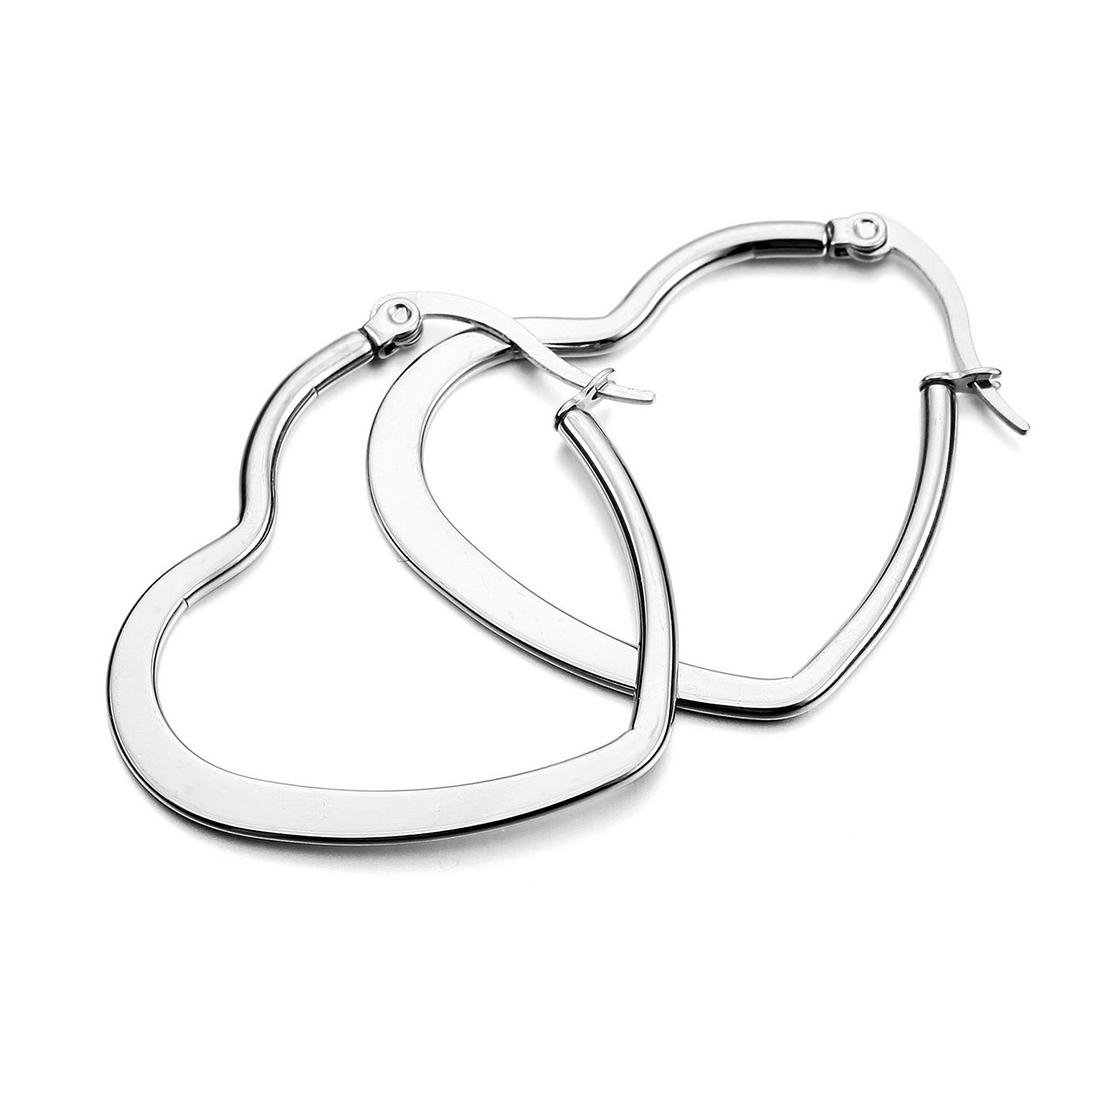 Stainless Steel Stud Plugs Hoop Earrings Ear Studs Silver